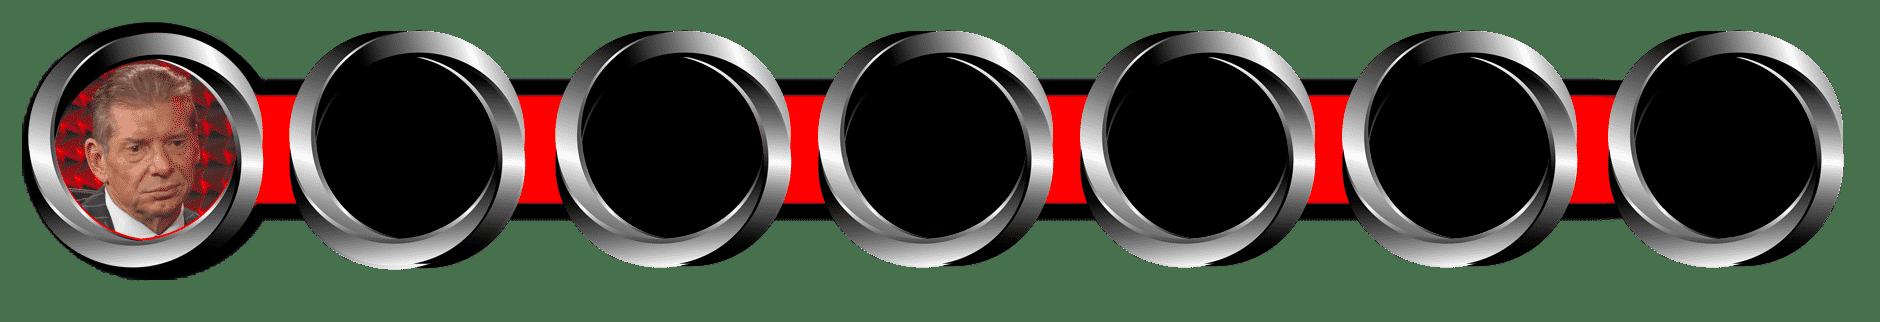 Vince'ometro: los ex WWE que firmaron con AEW 6